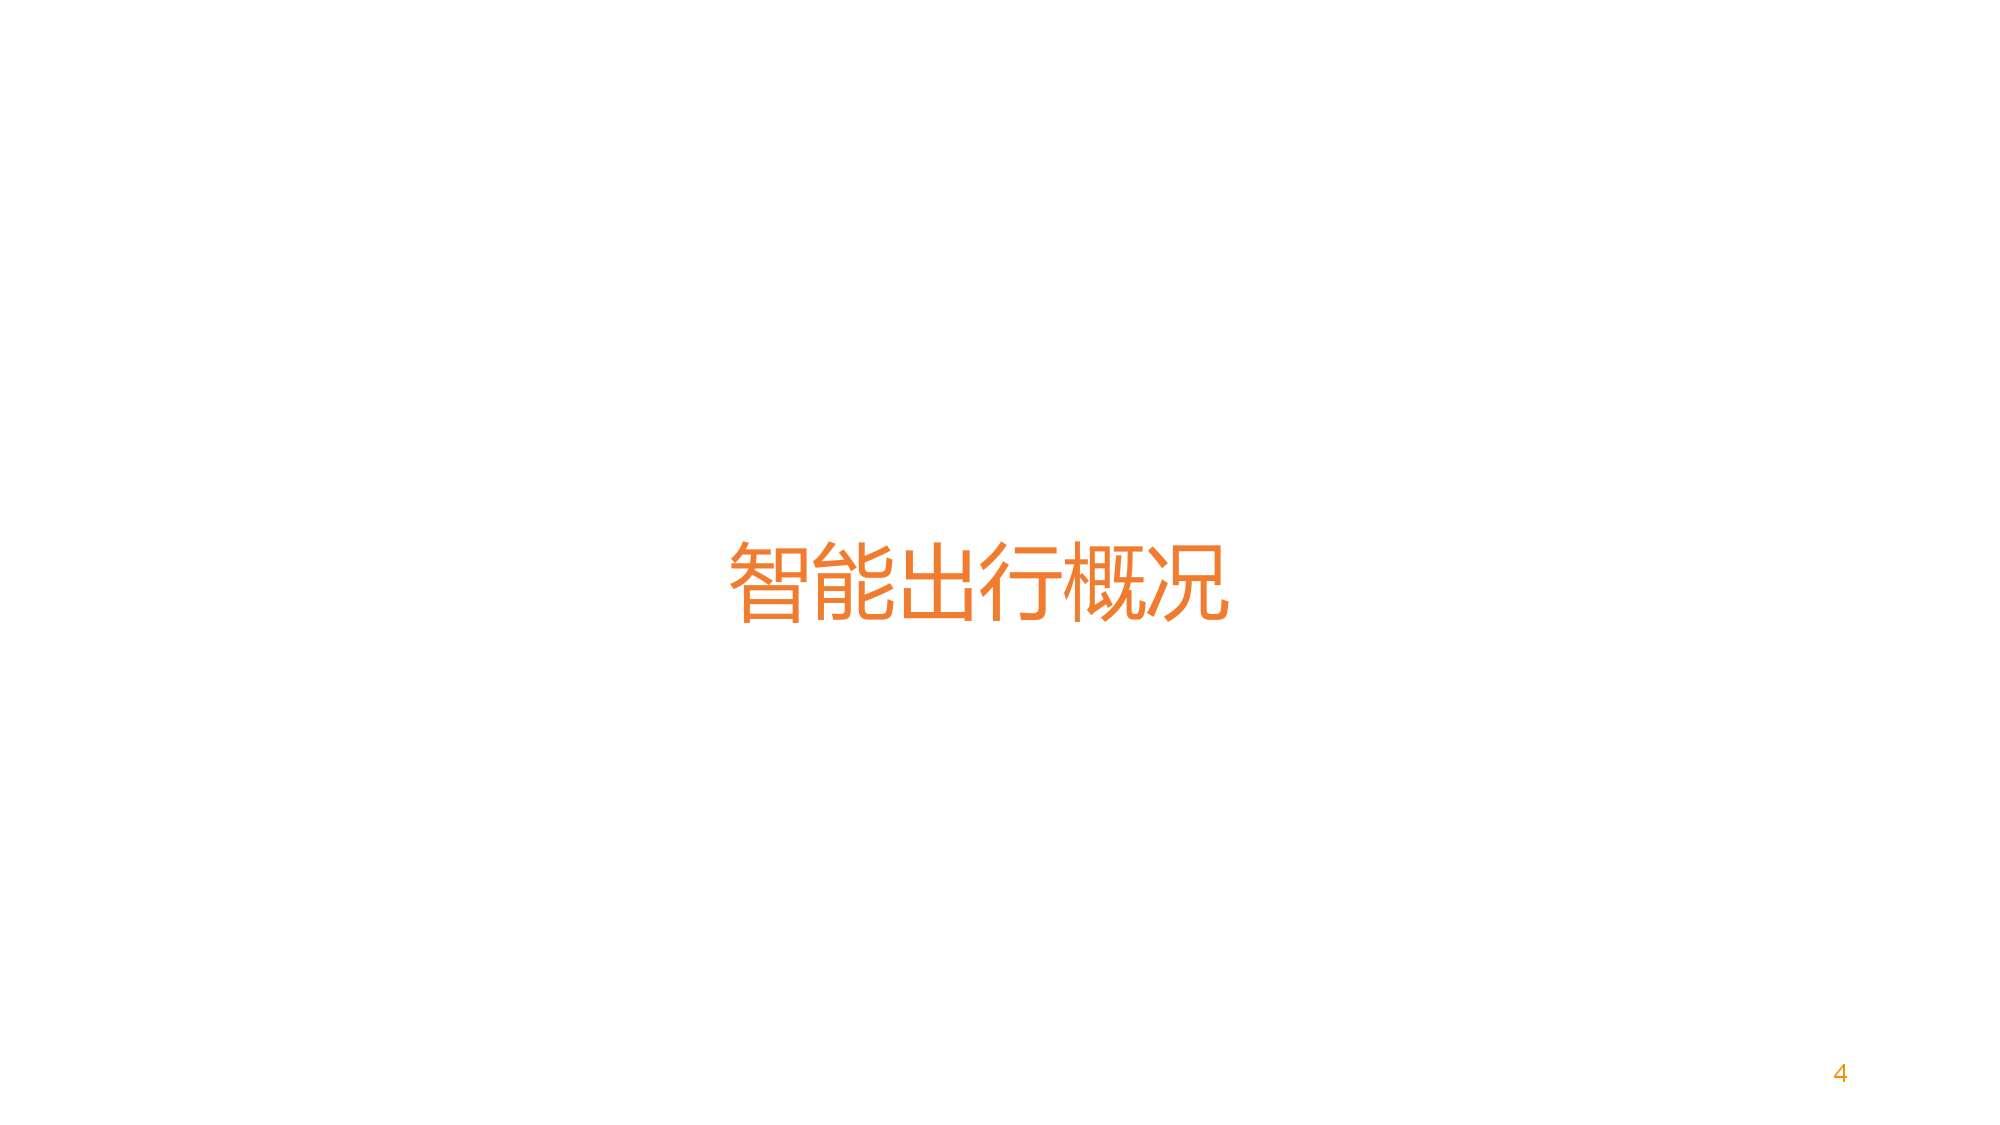 中国智能出行2015大数据报告_000004